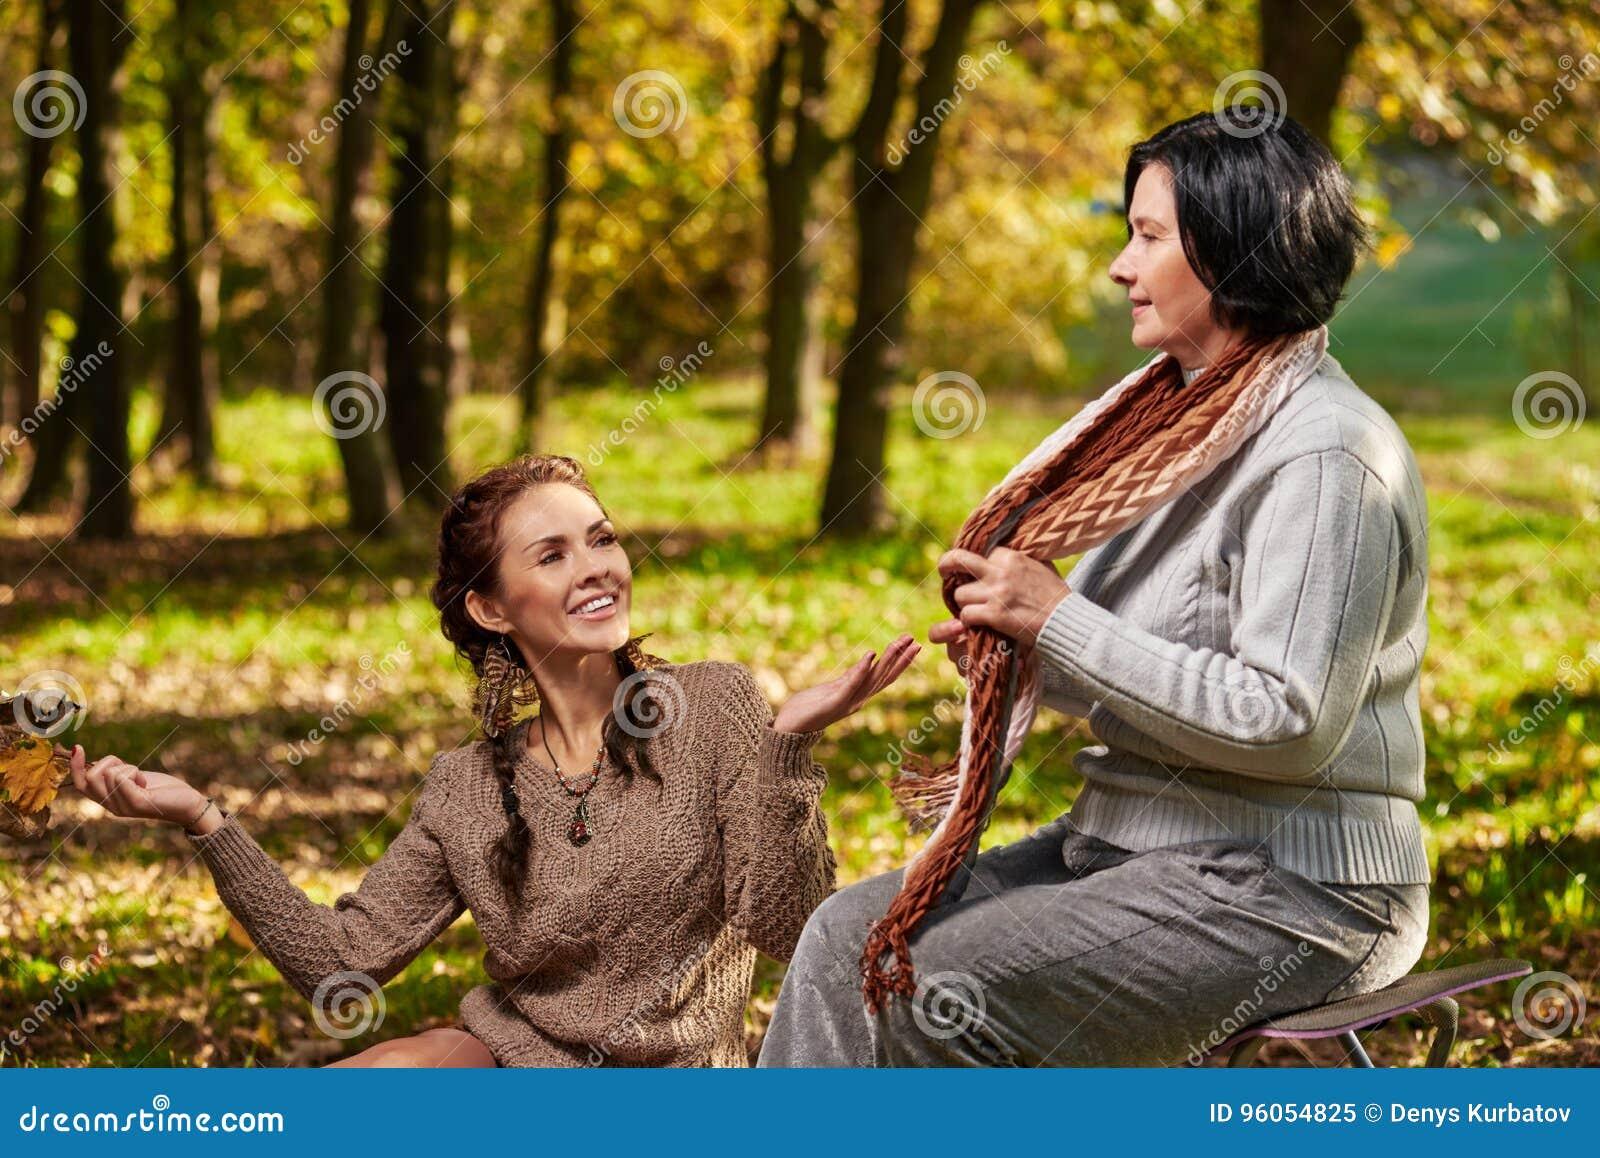 Détente ensemble en parc